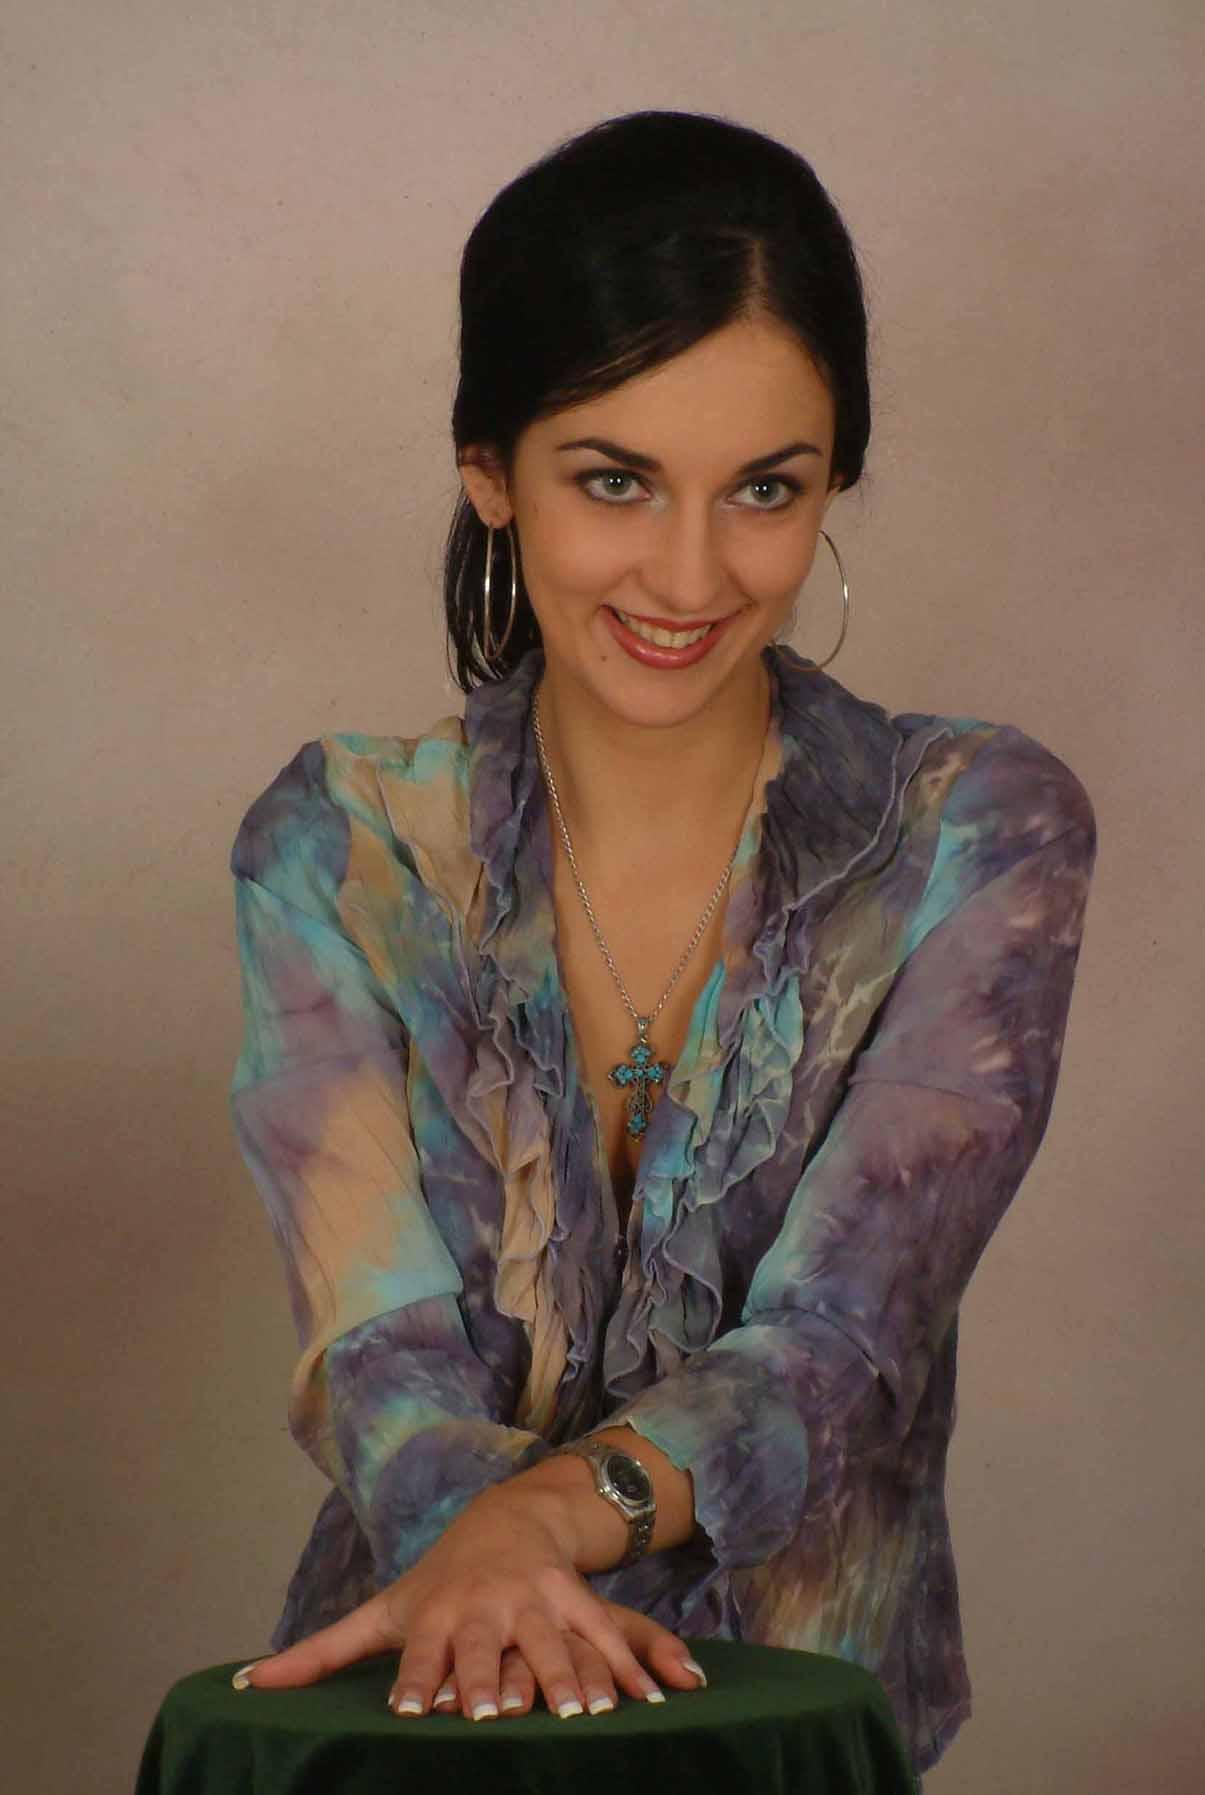 Agnieszka (39) aus Breslau auf www.herz-zu-verschenken.pl (Kenn-Nr.: t6109)